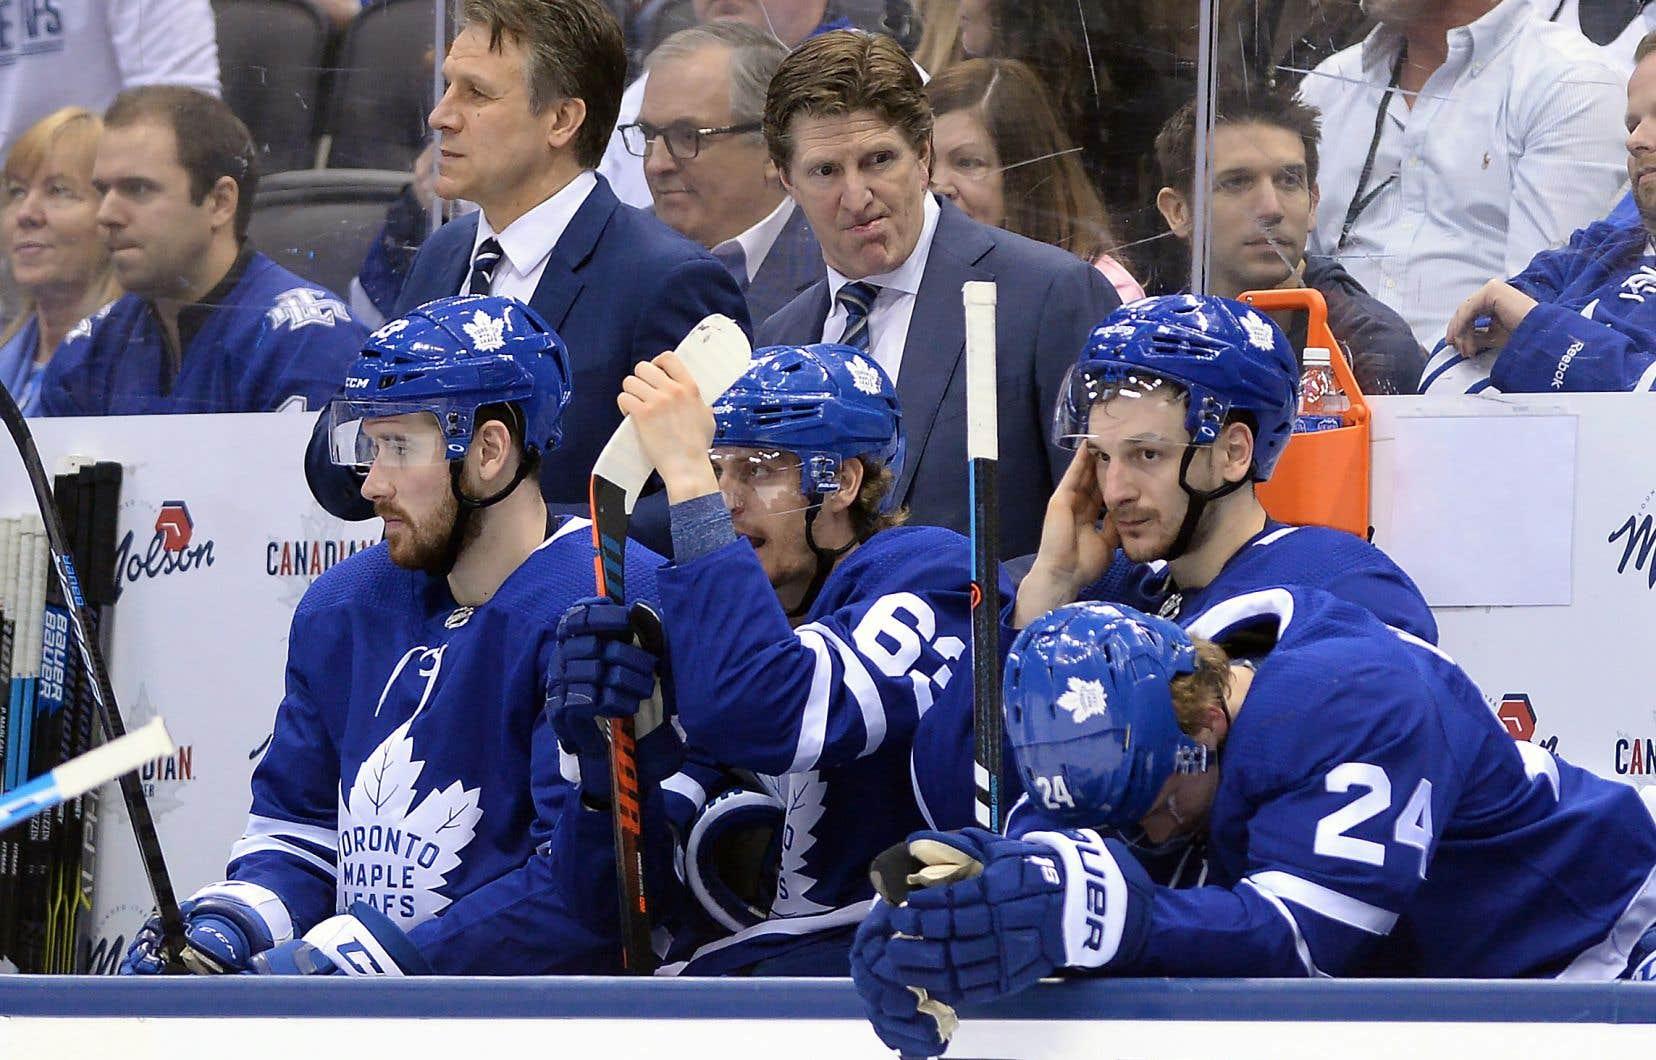 En avance 3-2 dans la série de premier tour cette année, les Leafs avaient l'occasion d'achever les Bruins lors du sixième match à domicile, dimanche. Toutefois, les Bruins ont répliqué et ont tenu leur adversaire à distance assez longtemps pour provoquer un autre match ultime.